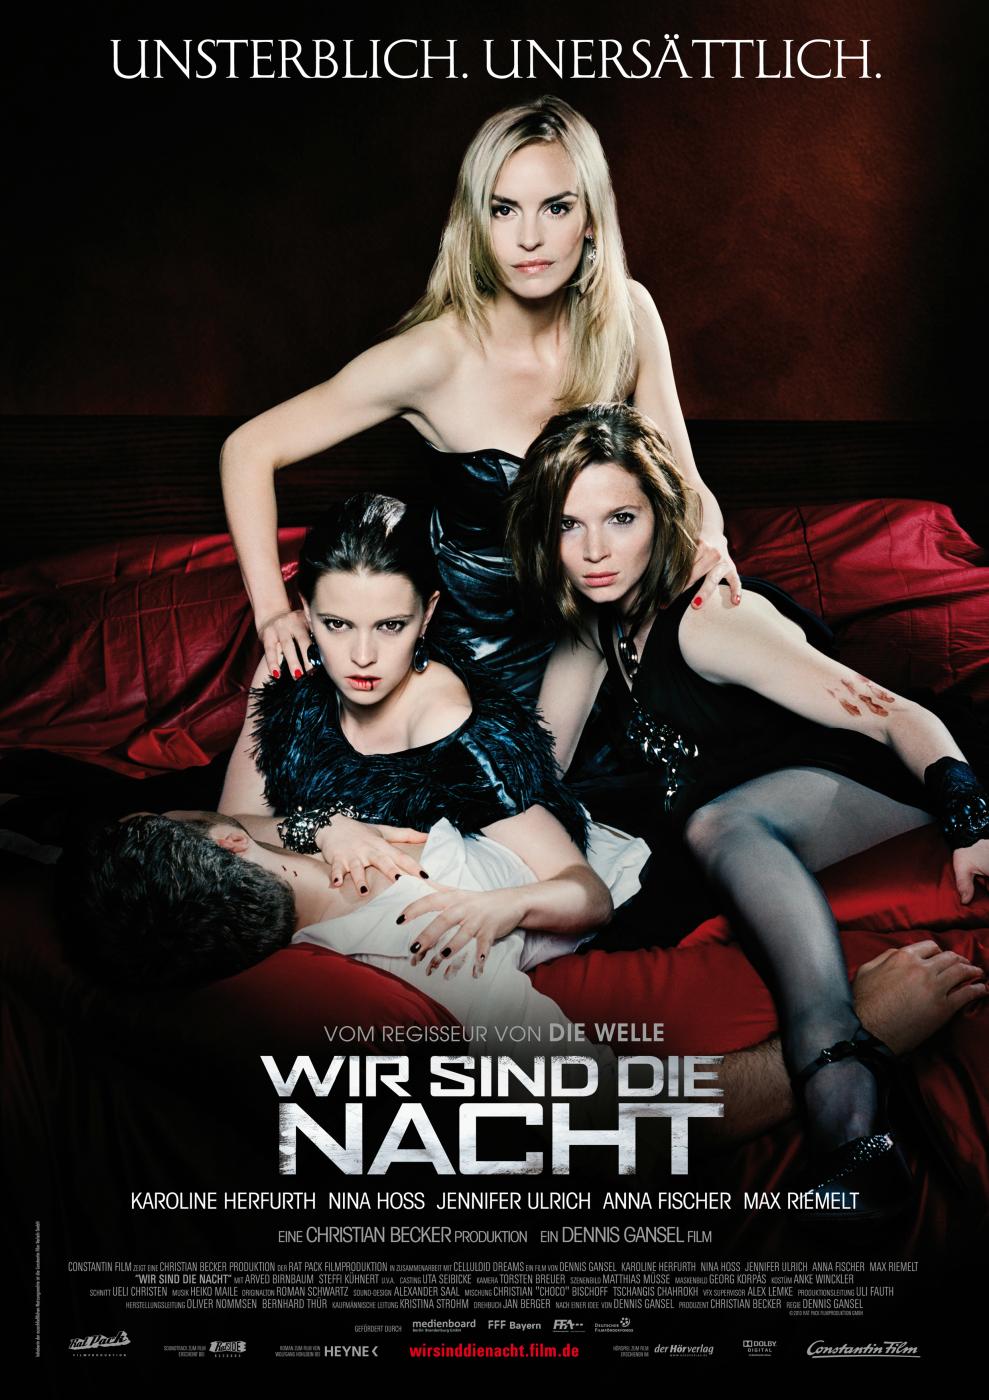 WIR SIND DIE NACHT: Deutscher Vampir-Thriller ab dem 28.10.2010 im Kino